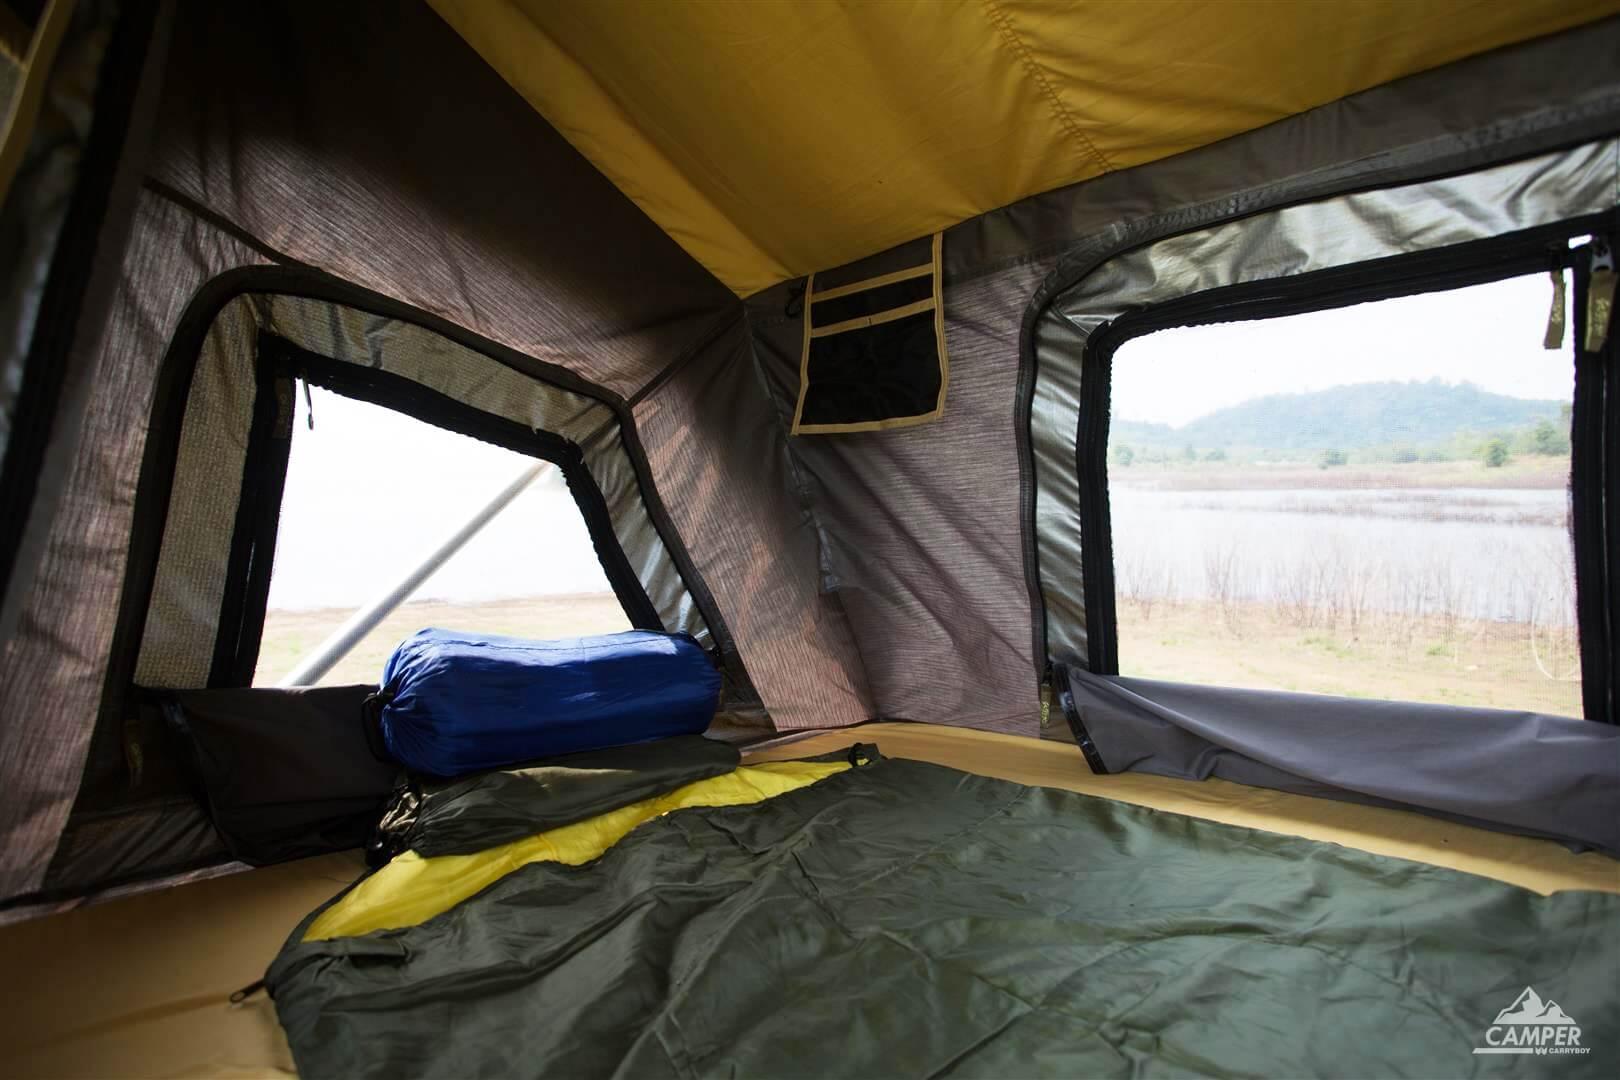 Carryboy Camper Dachzelt für 2 bis 3 Personen für alle Fahrzeuge heller Innenraum